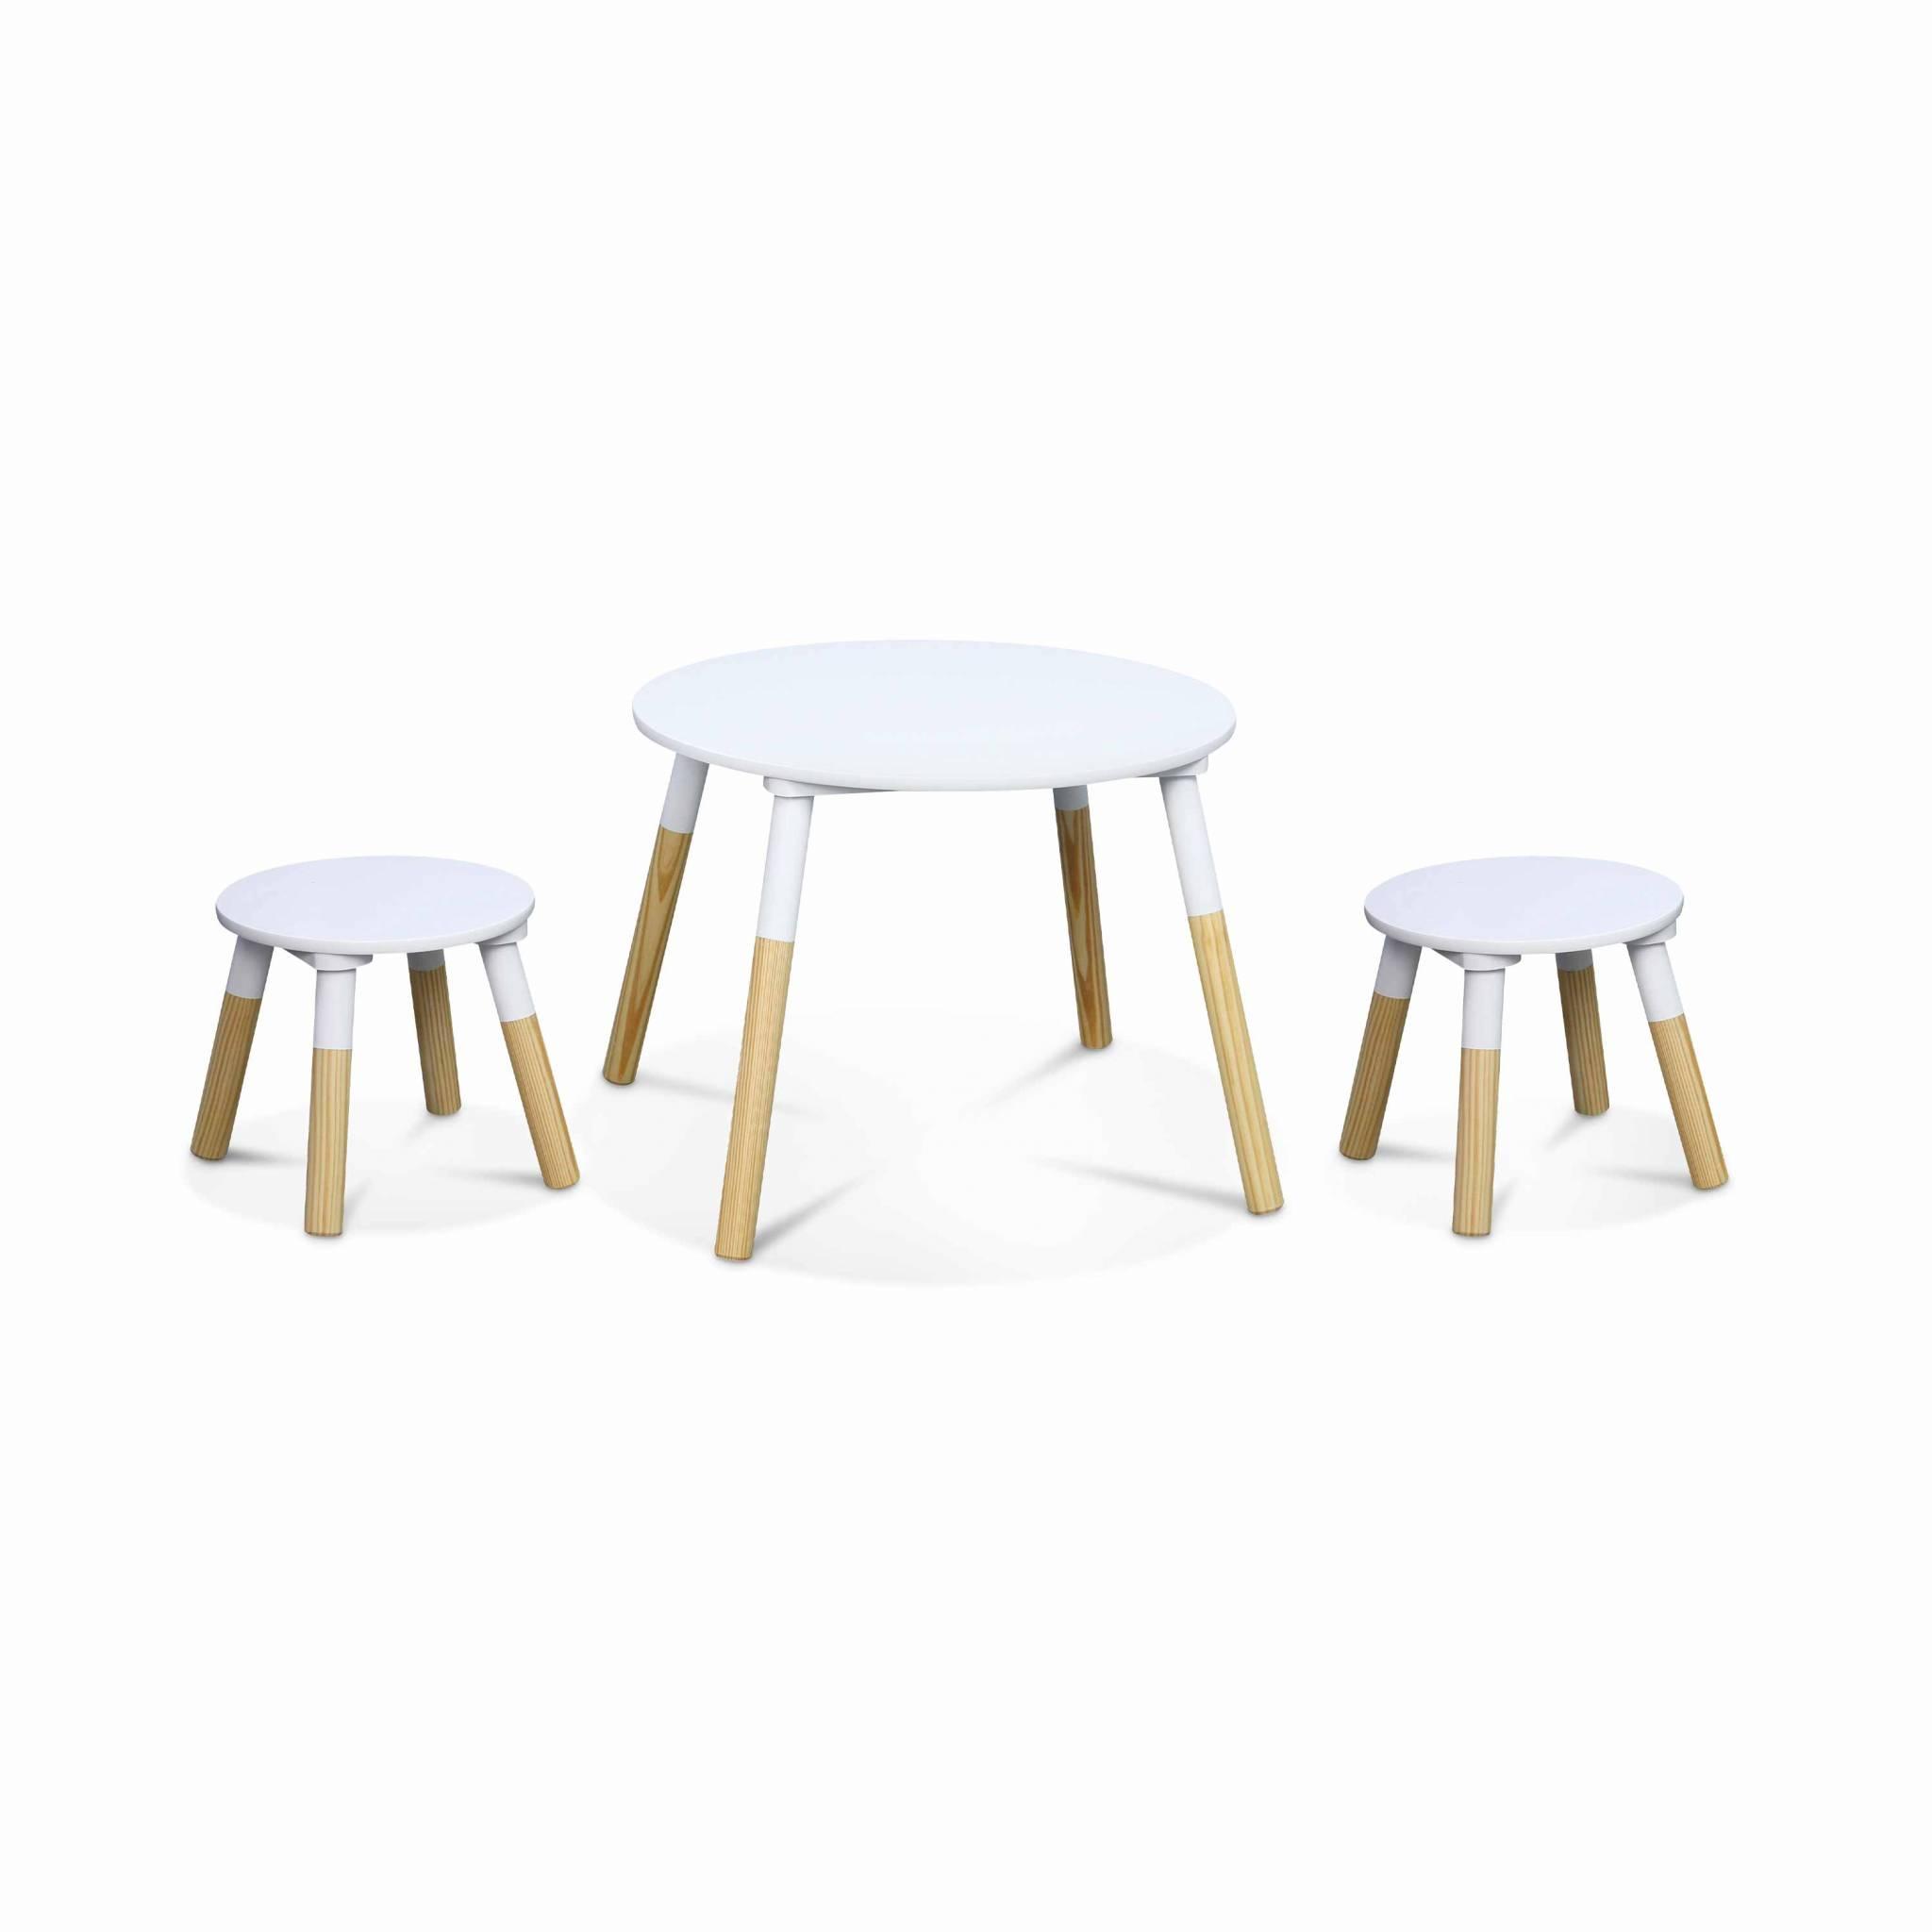 Table ronde et deux tabourets pour enfants naturel blanc